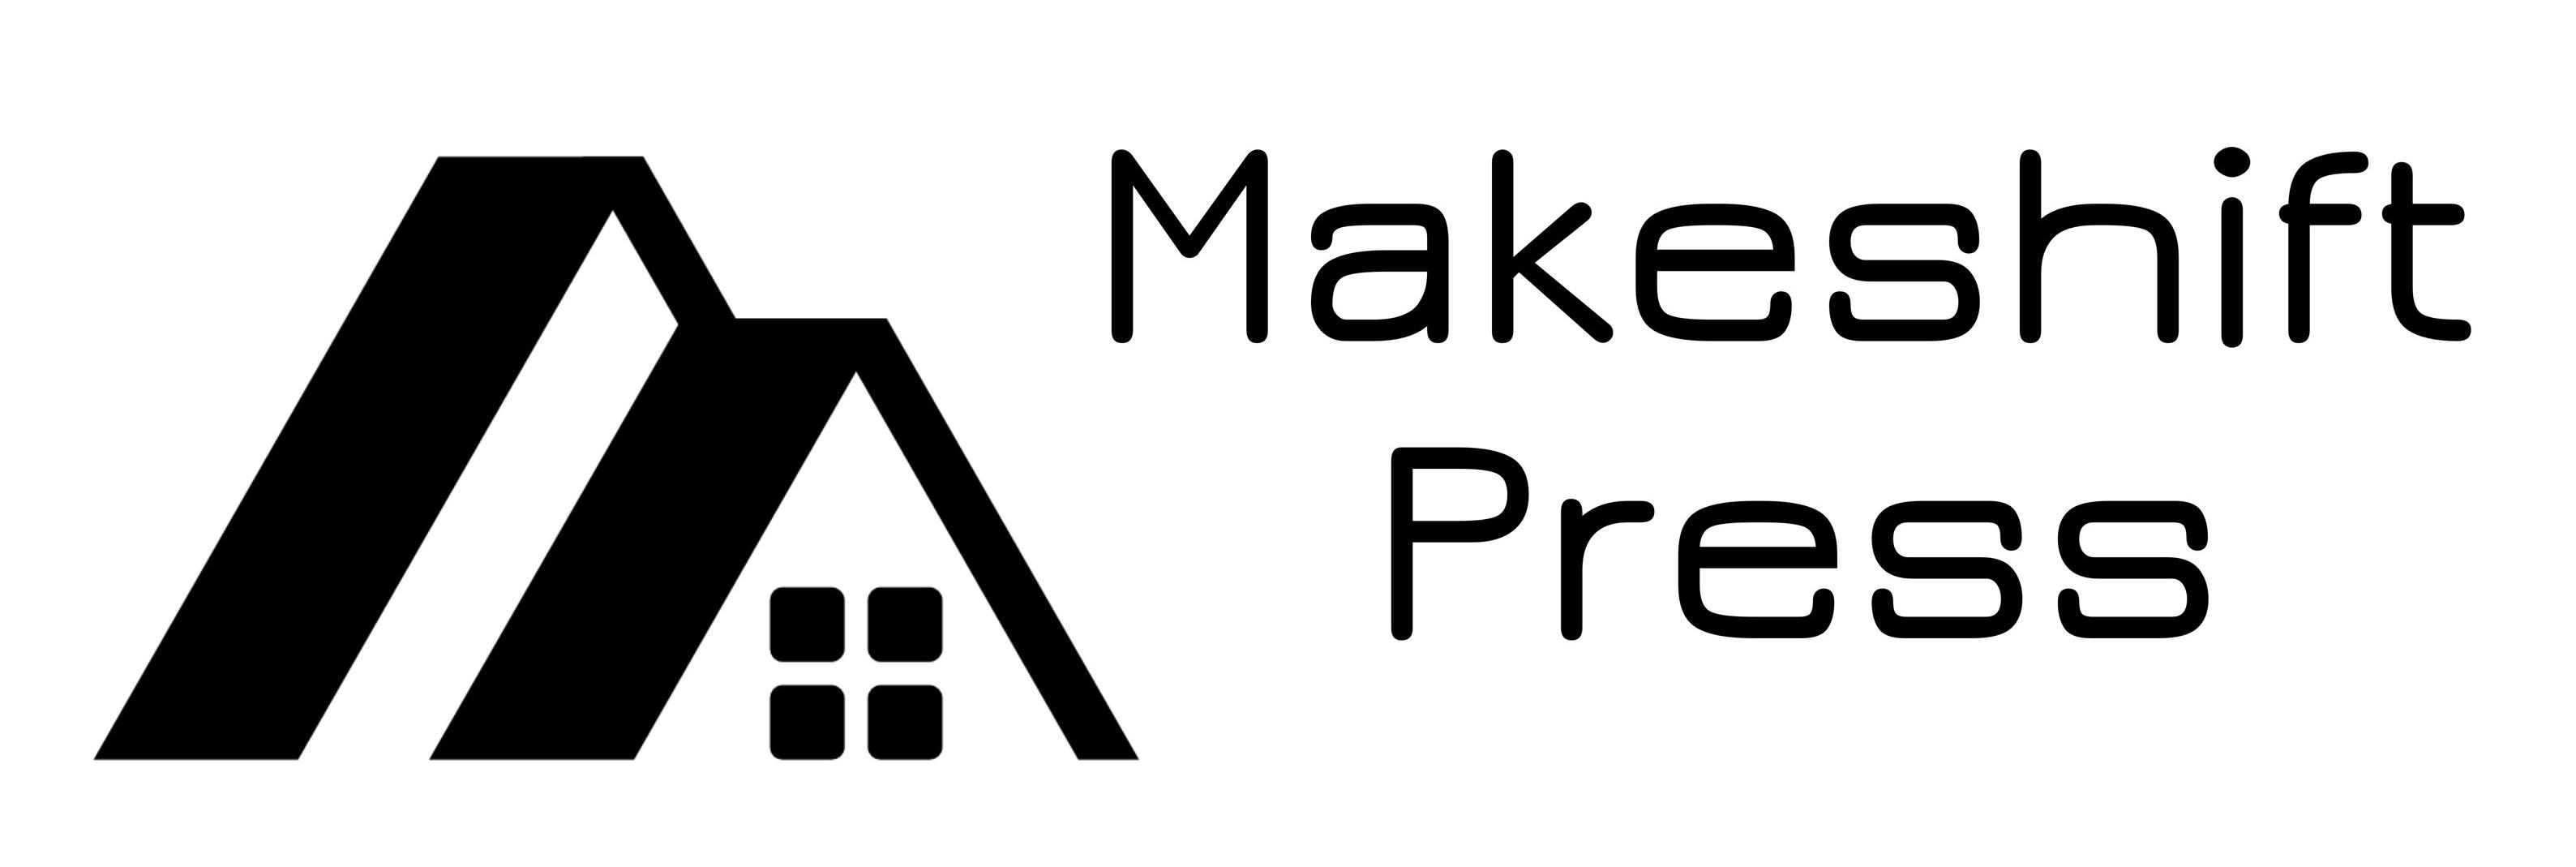 Makeshift Press